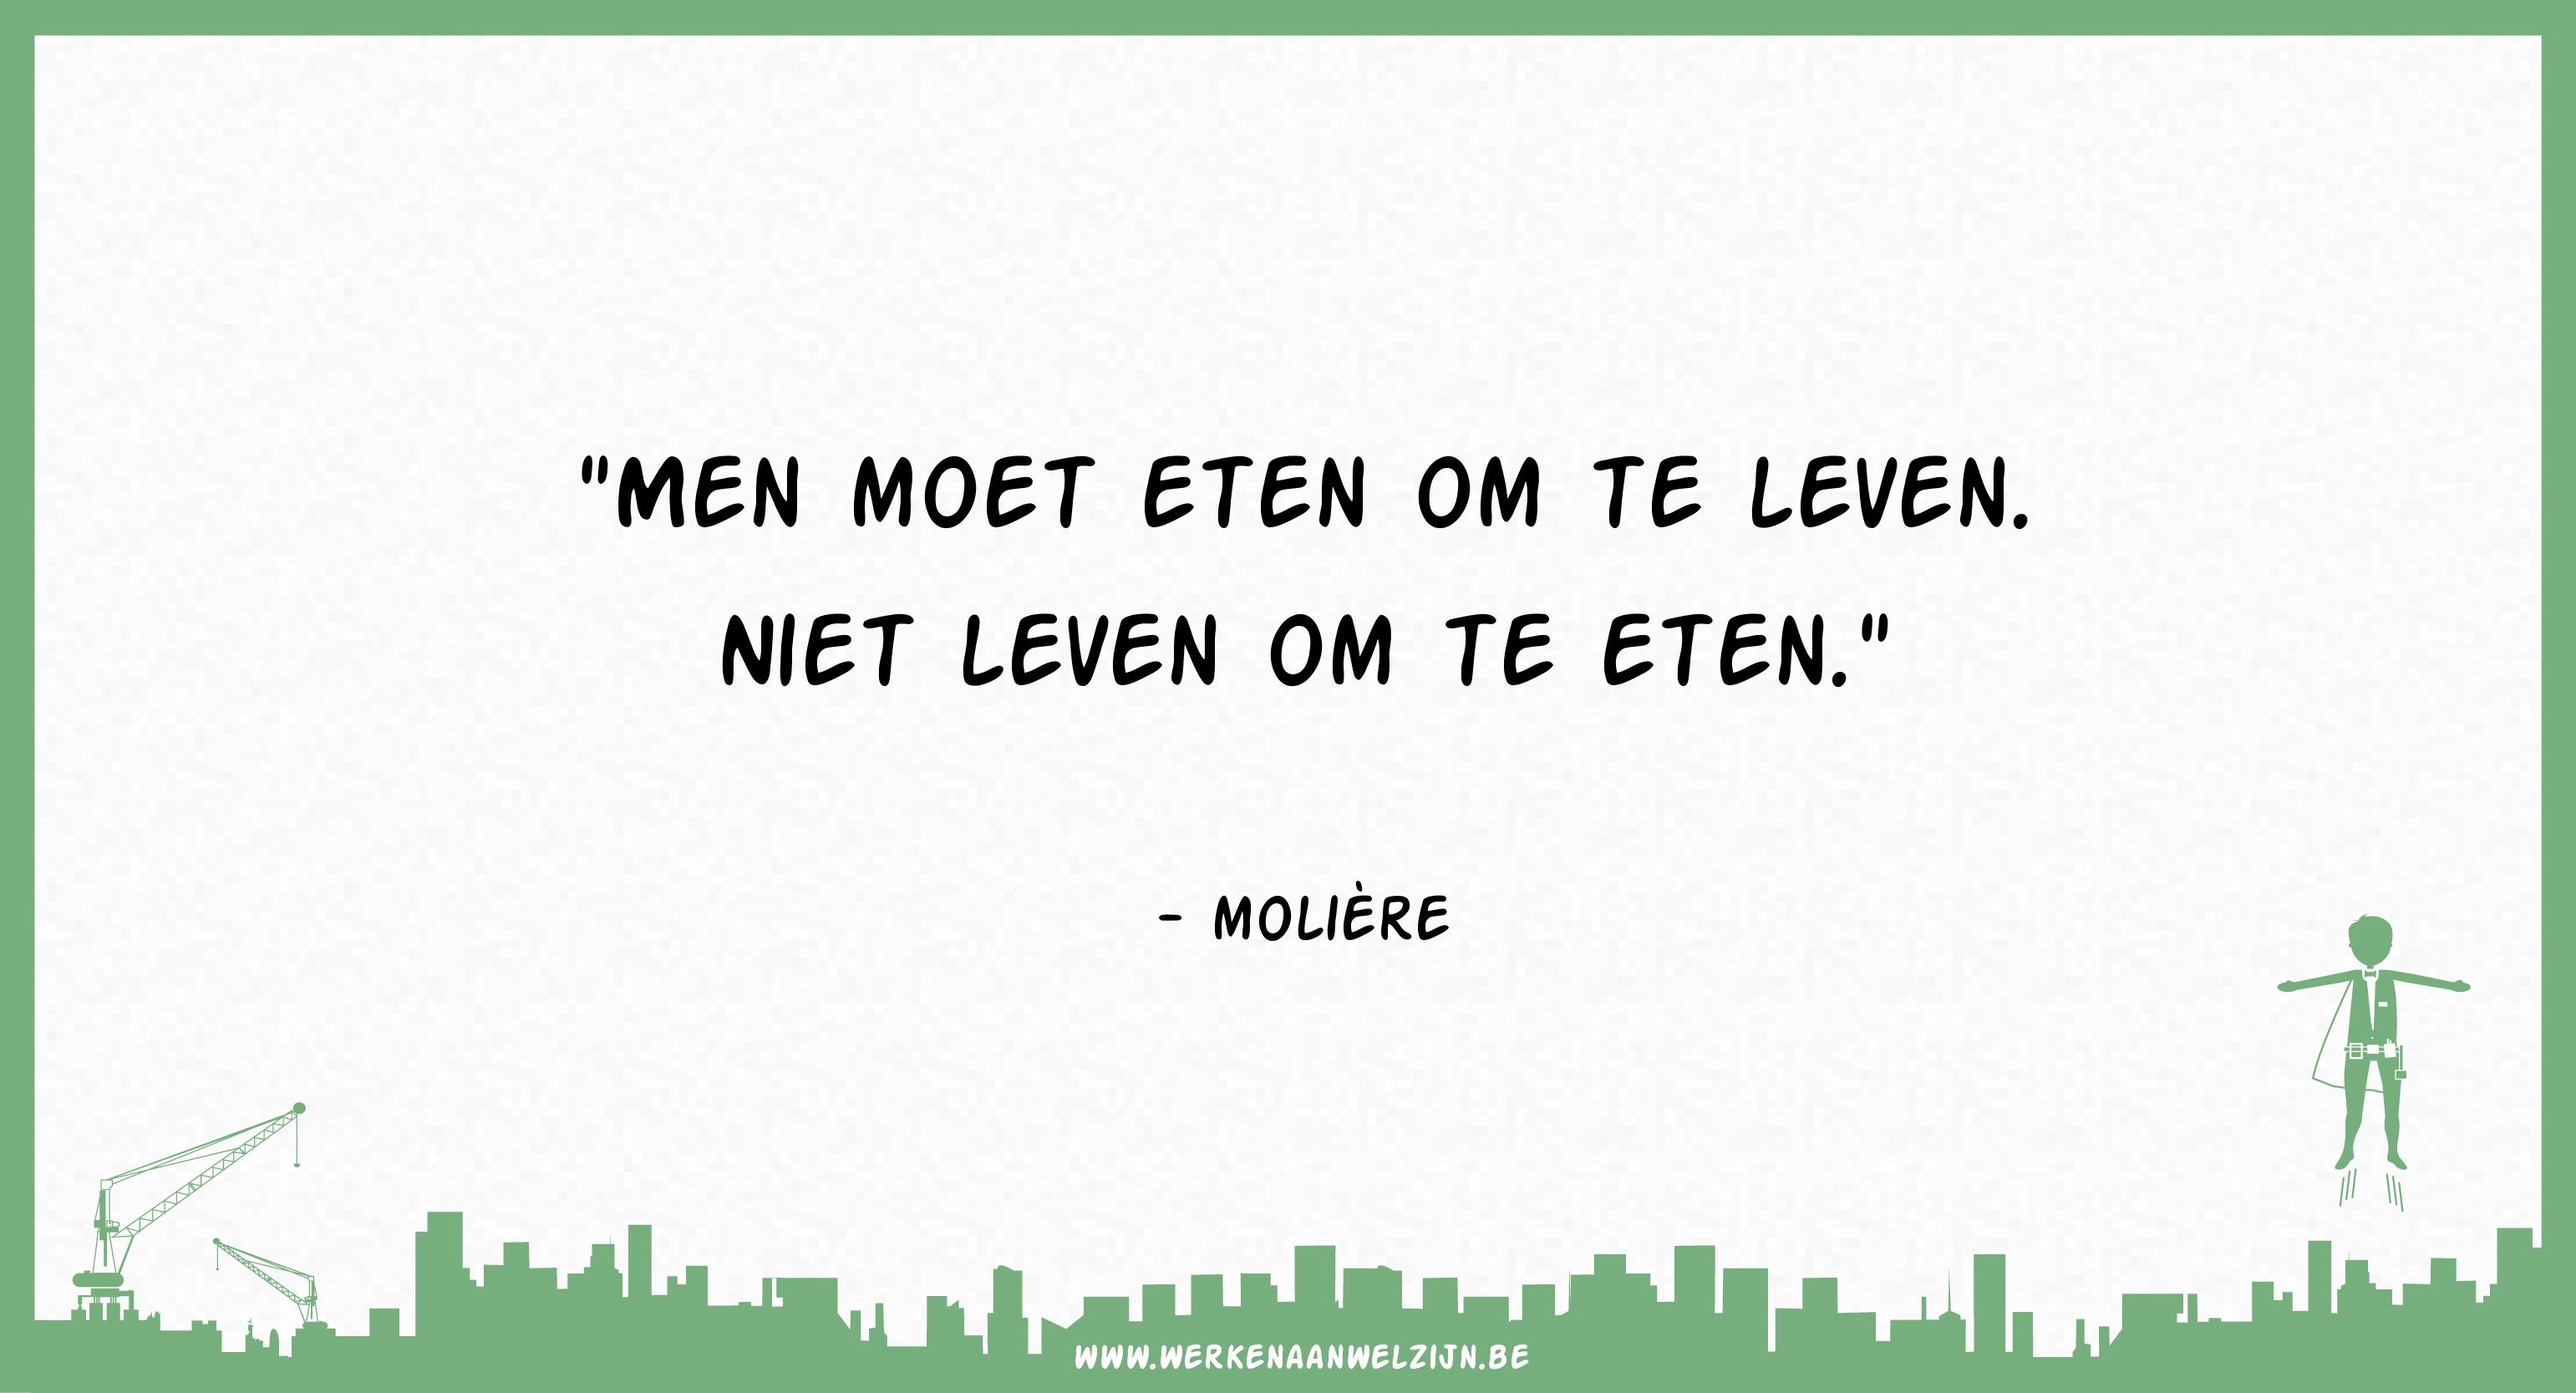 Men moet eten om te leven, niet leven om te eten. (Molière)